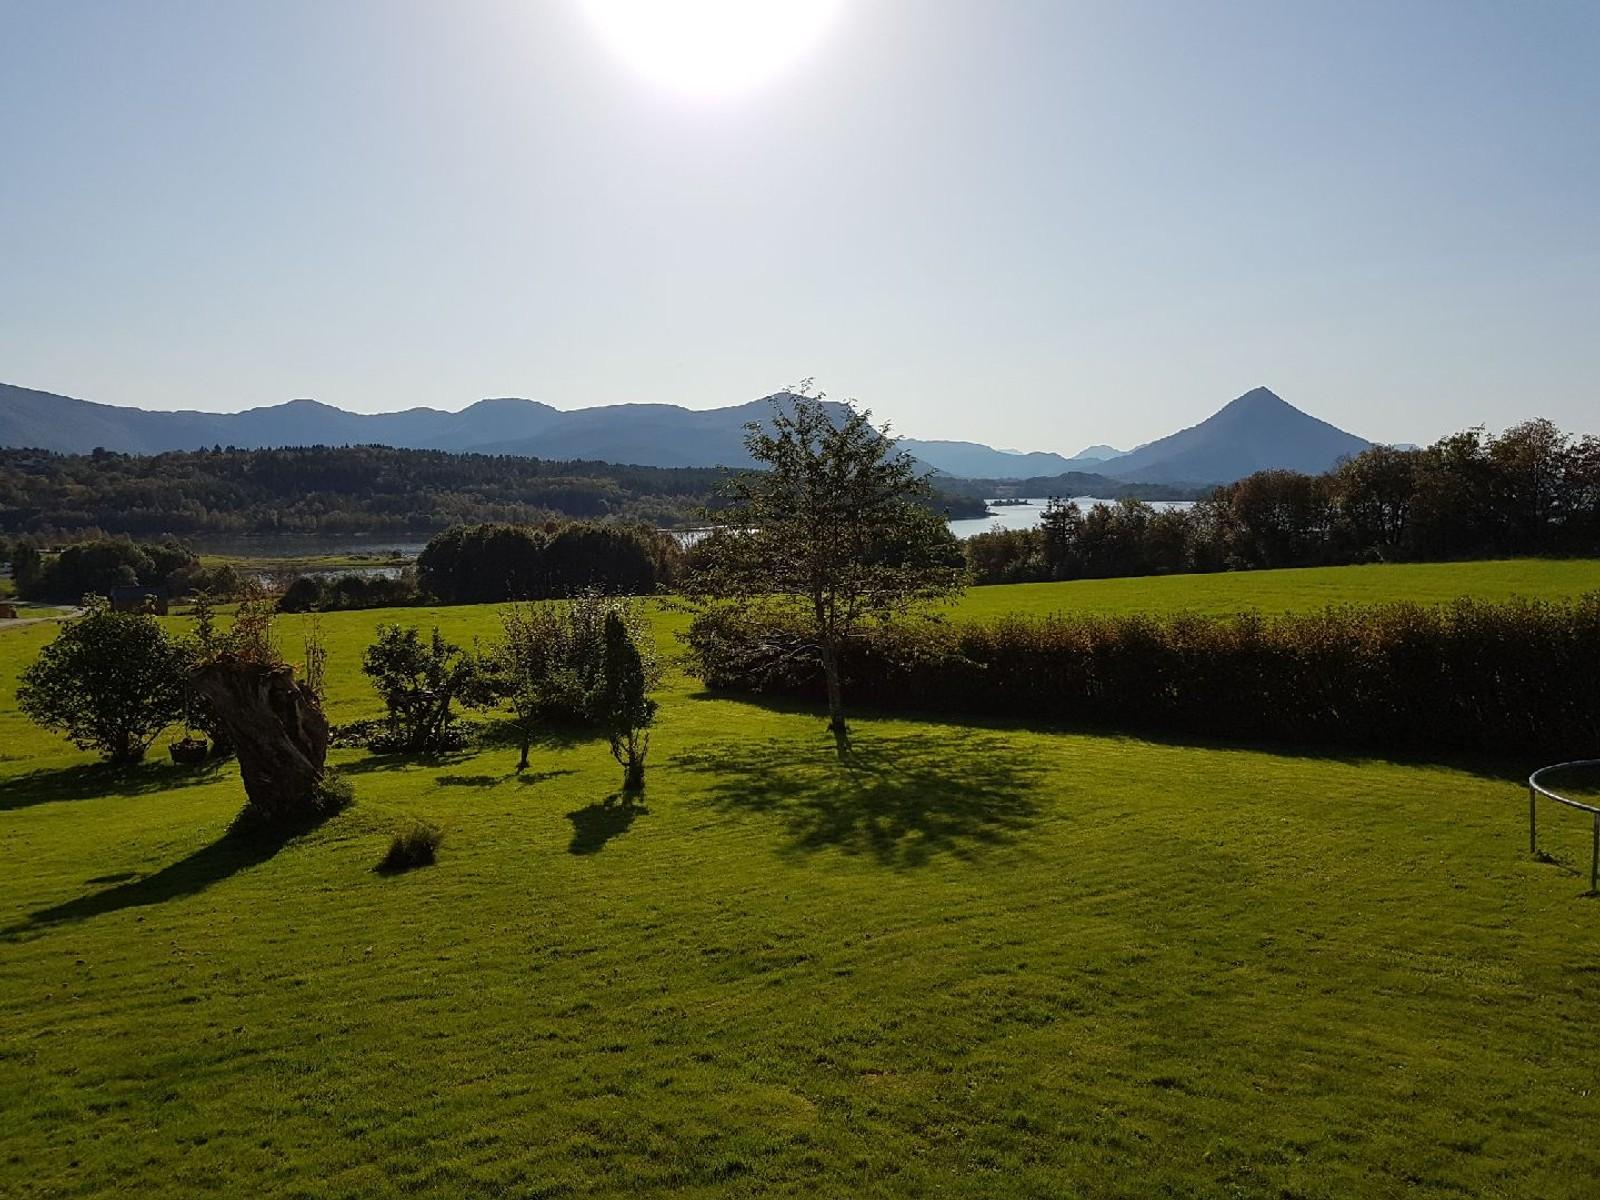 Frå verandaen på Holten i Elnesvågen.